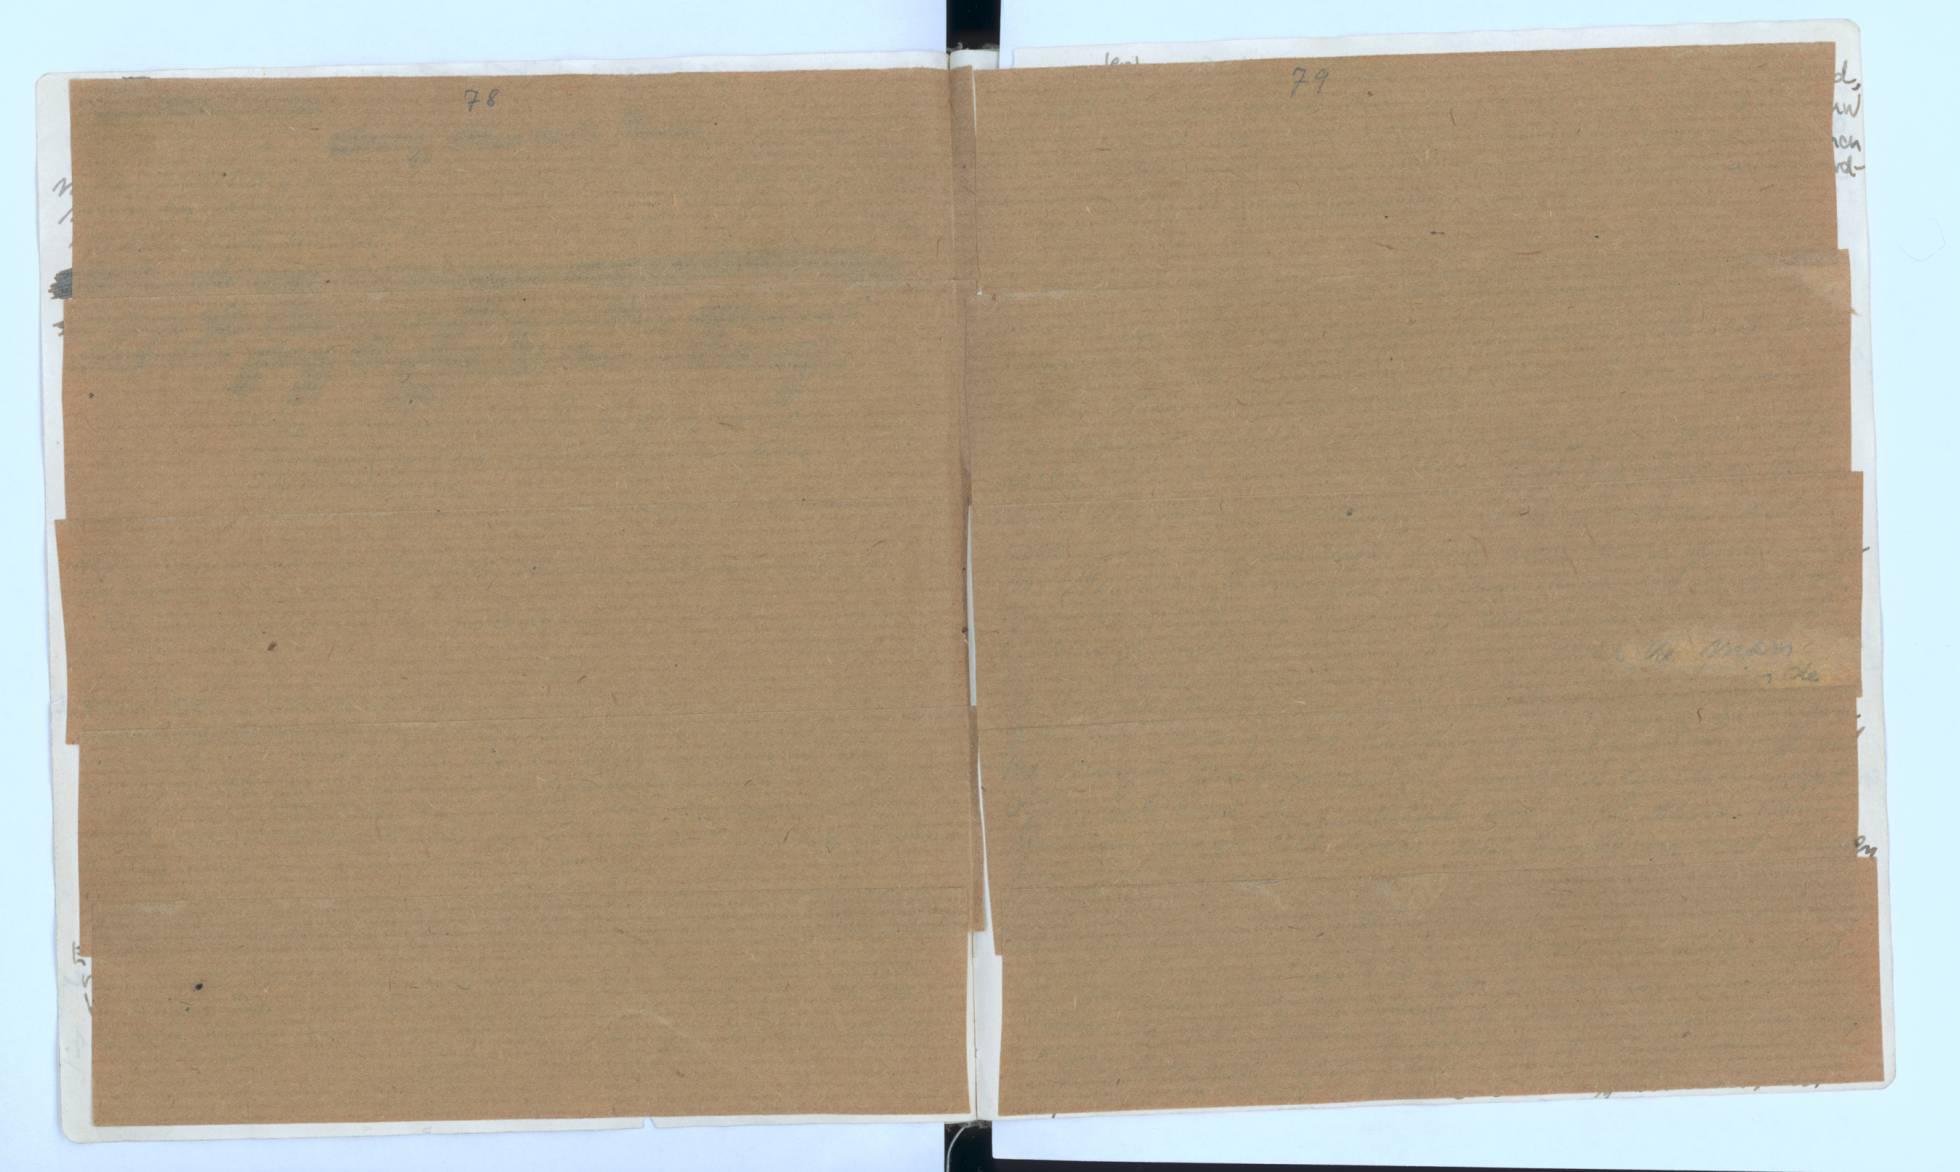 Las dos páginas tapadas con papel de estraza (Foto: Fundación Anna Frank)